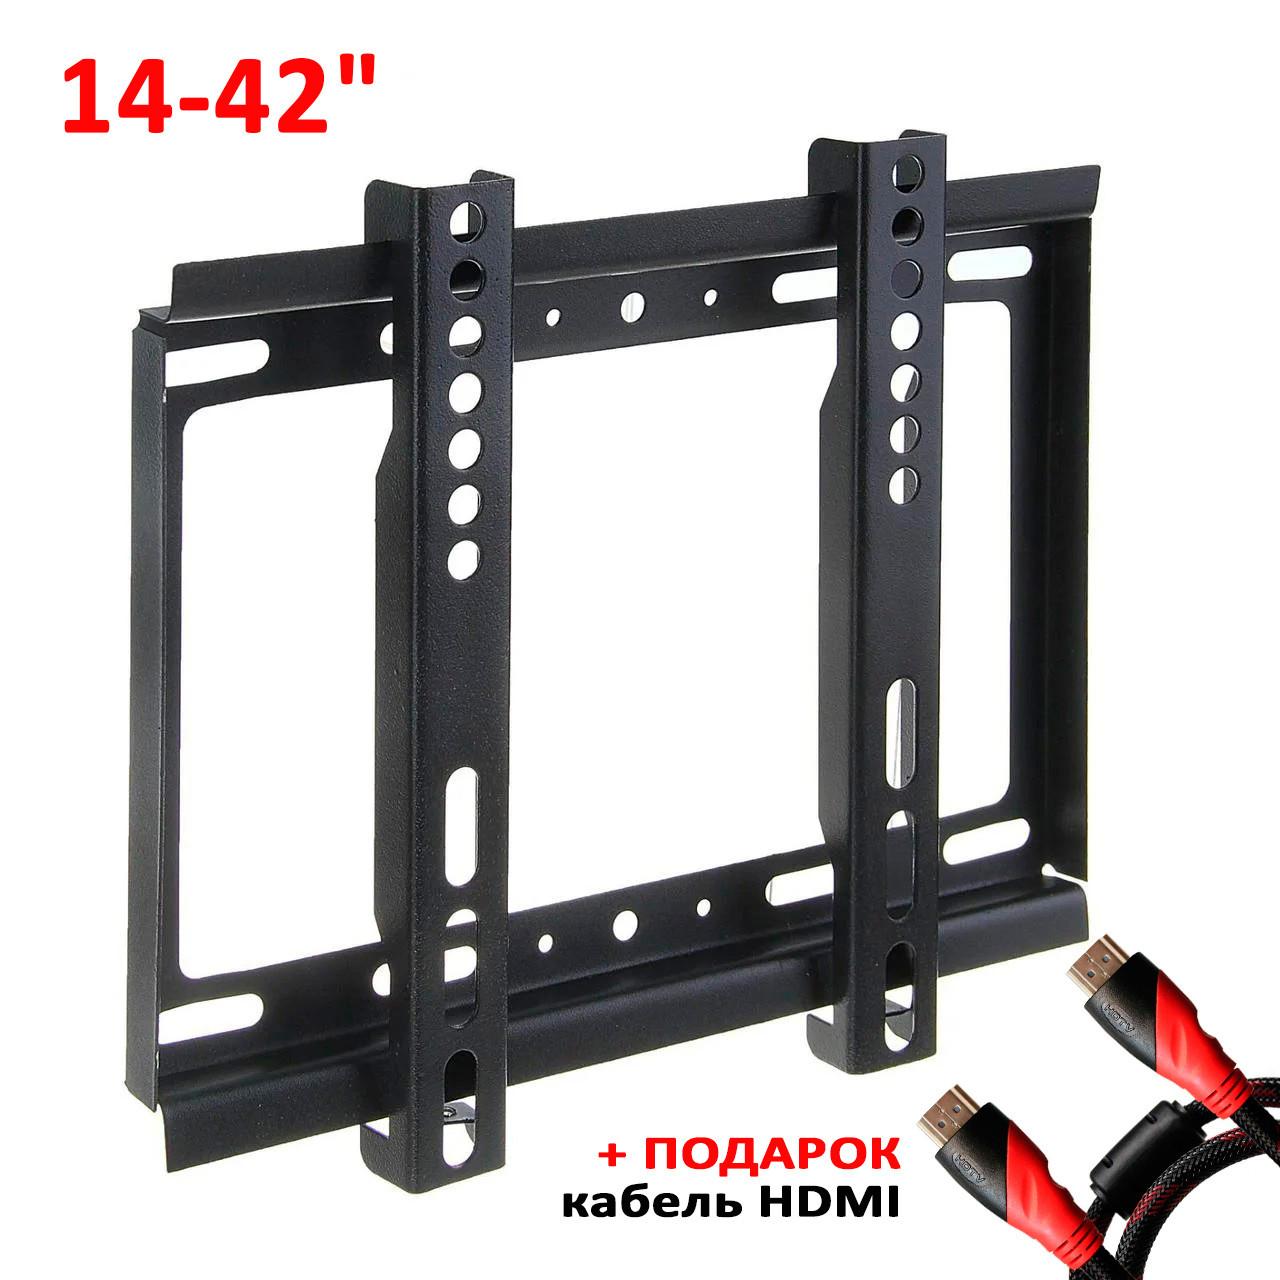 """Кронштейн для телевизора Flat Panel 14-42"""" + подарок кабель HDMI-HDMI 1.5m"""